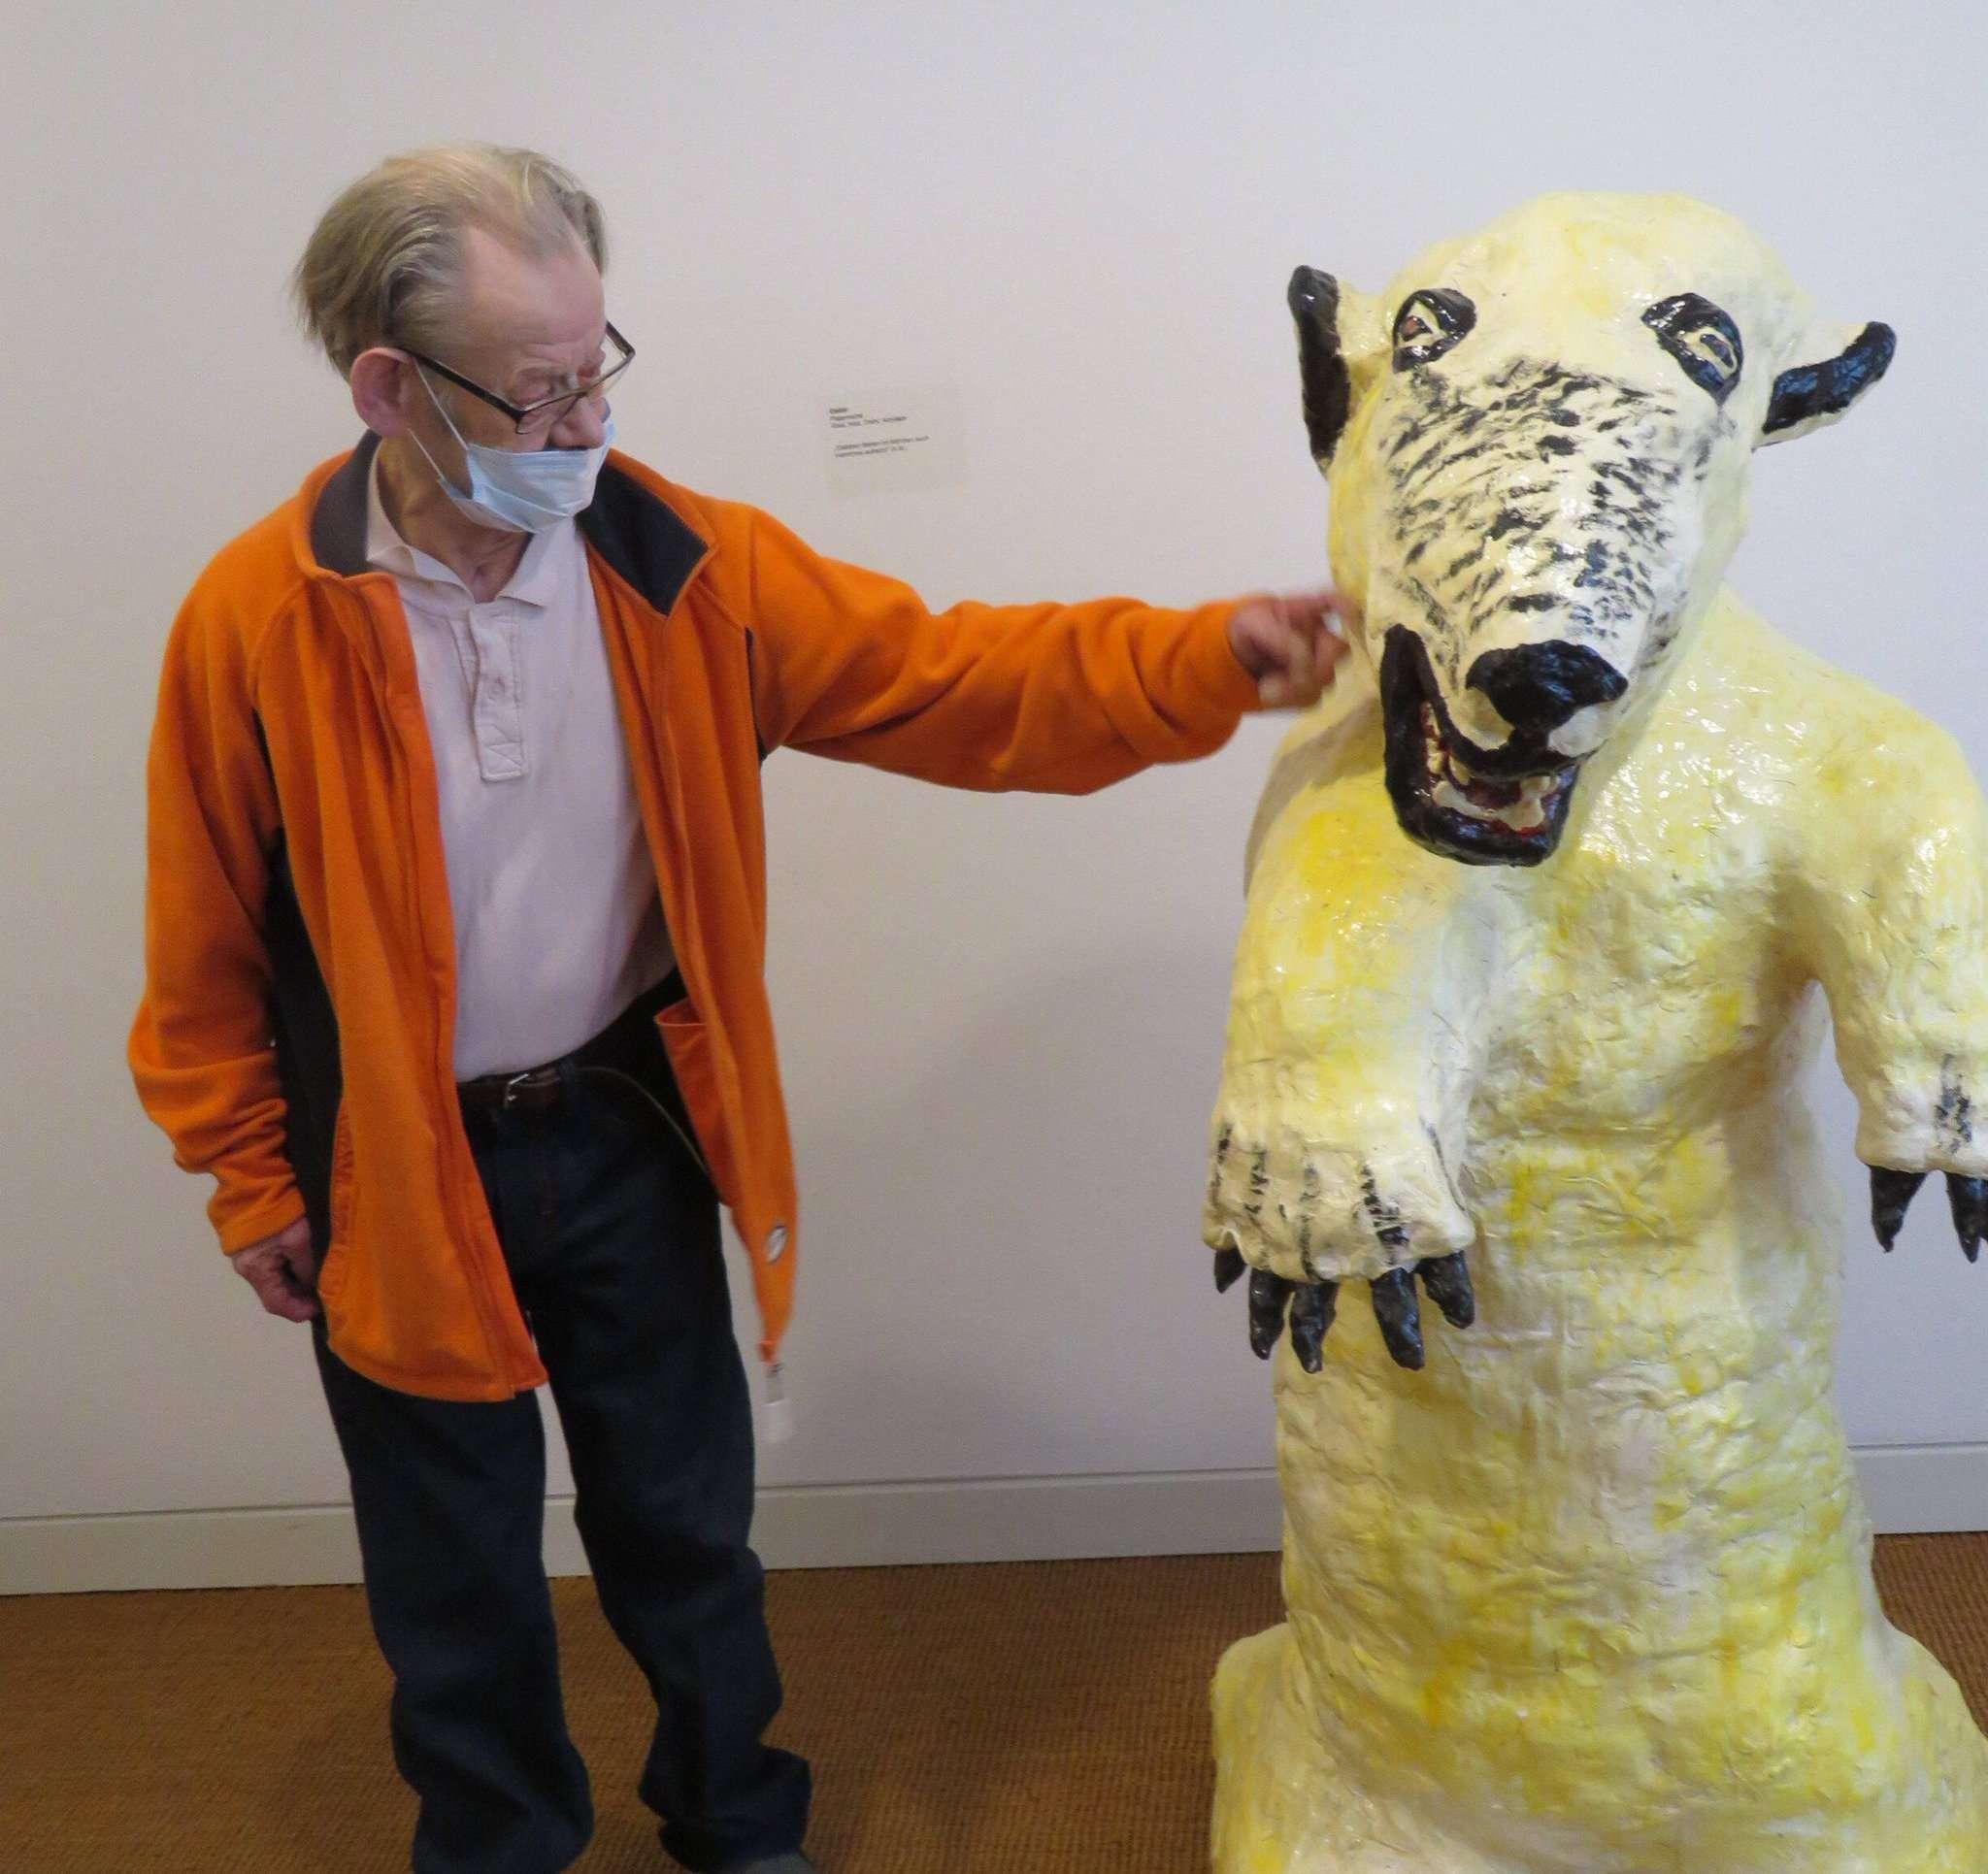 Mit seinen eigenwilligen Skulpturen drückt Alfred Meyer einen individuellen Kunststil aus. Fotos: Elke Keppler-Rosenau